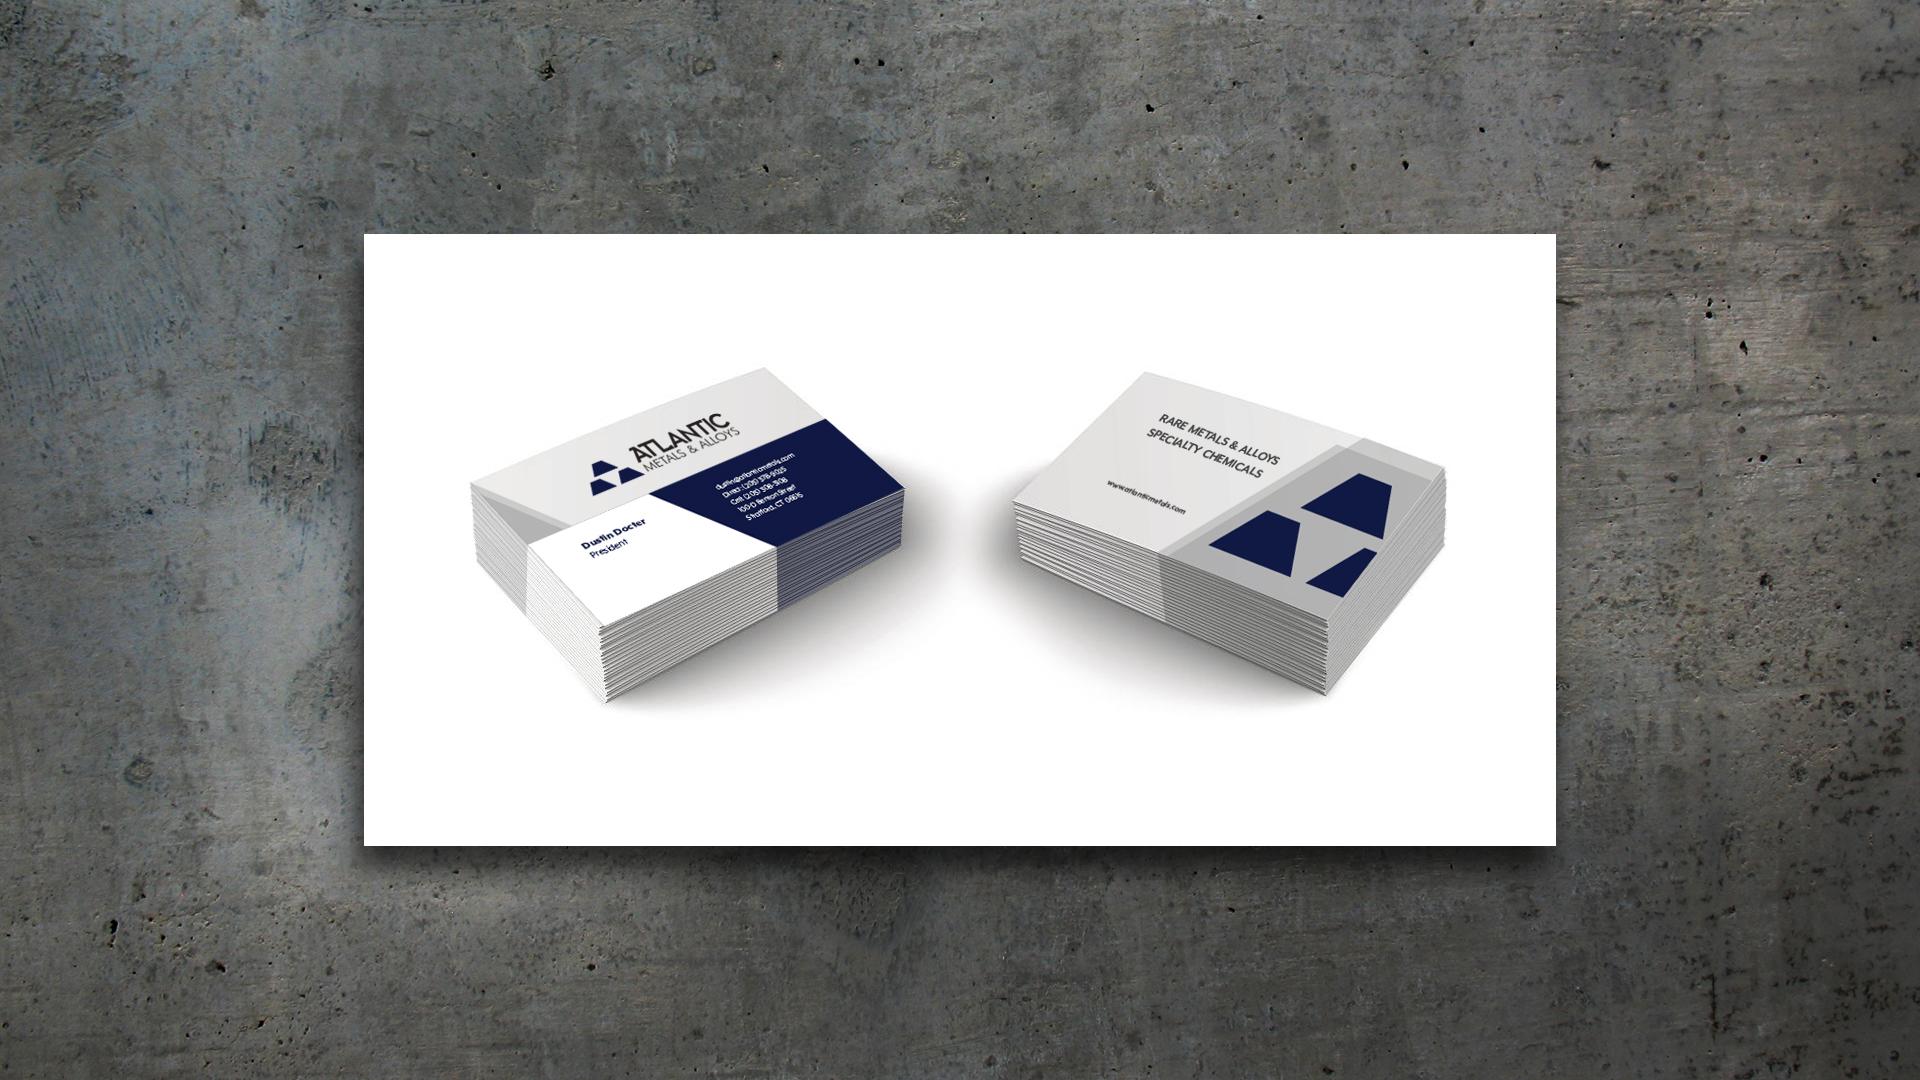 Rebranding – Atlantic Metals & Alloys